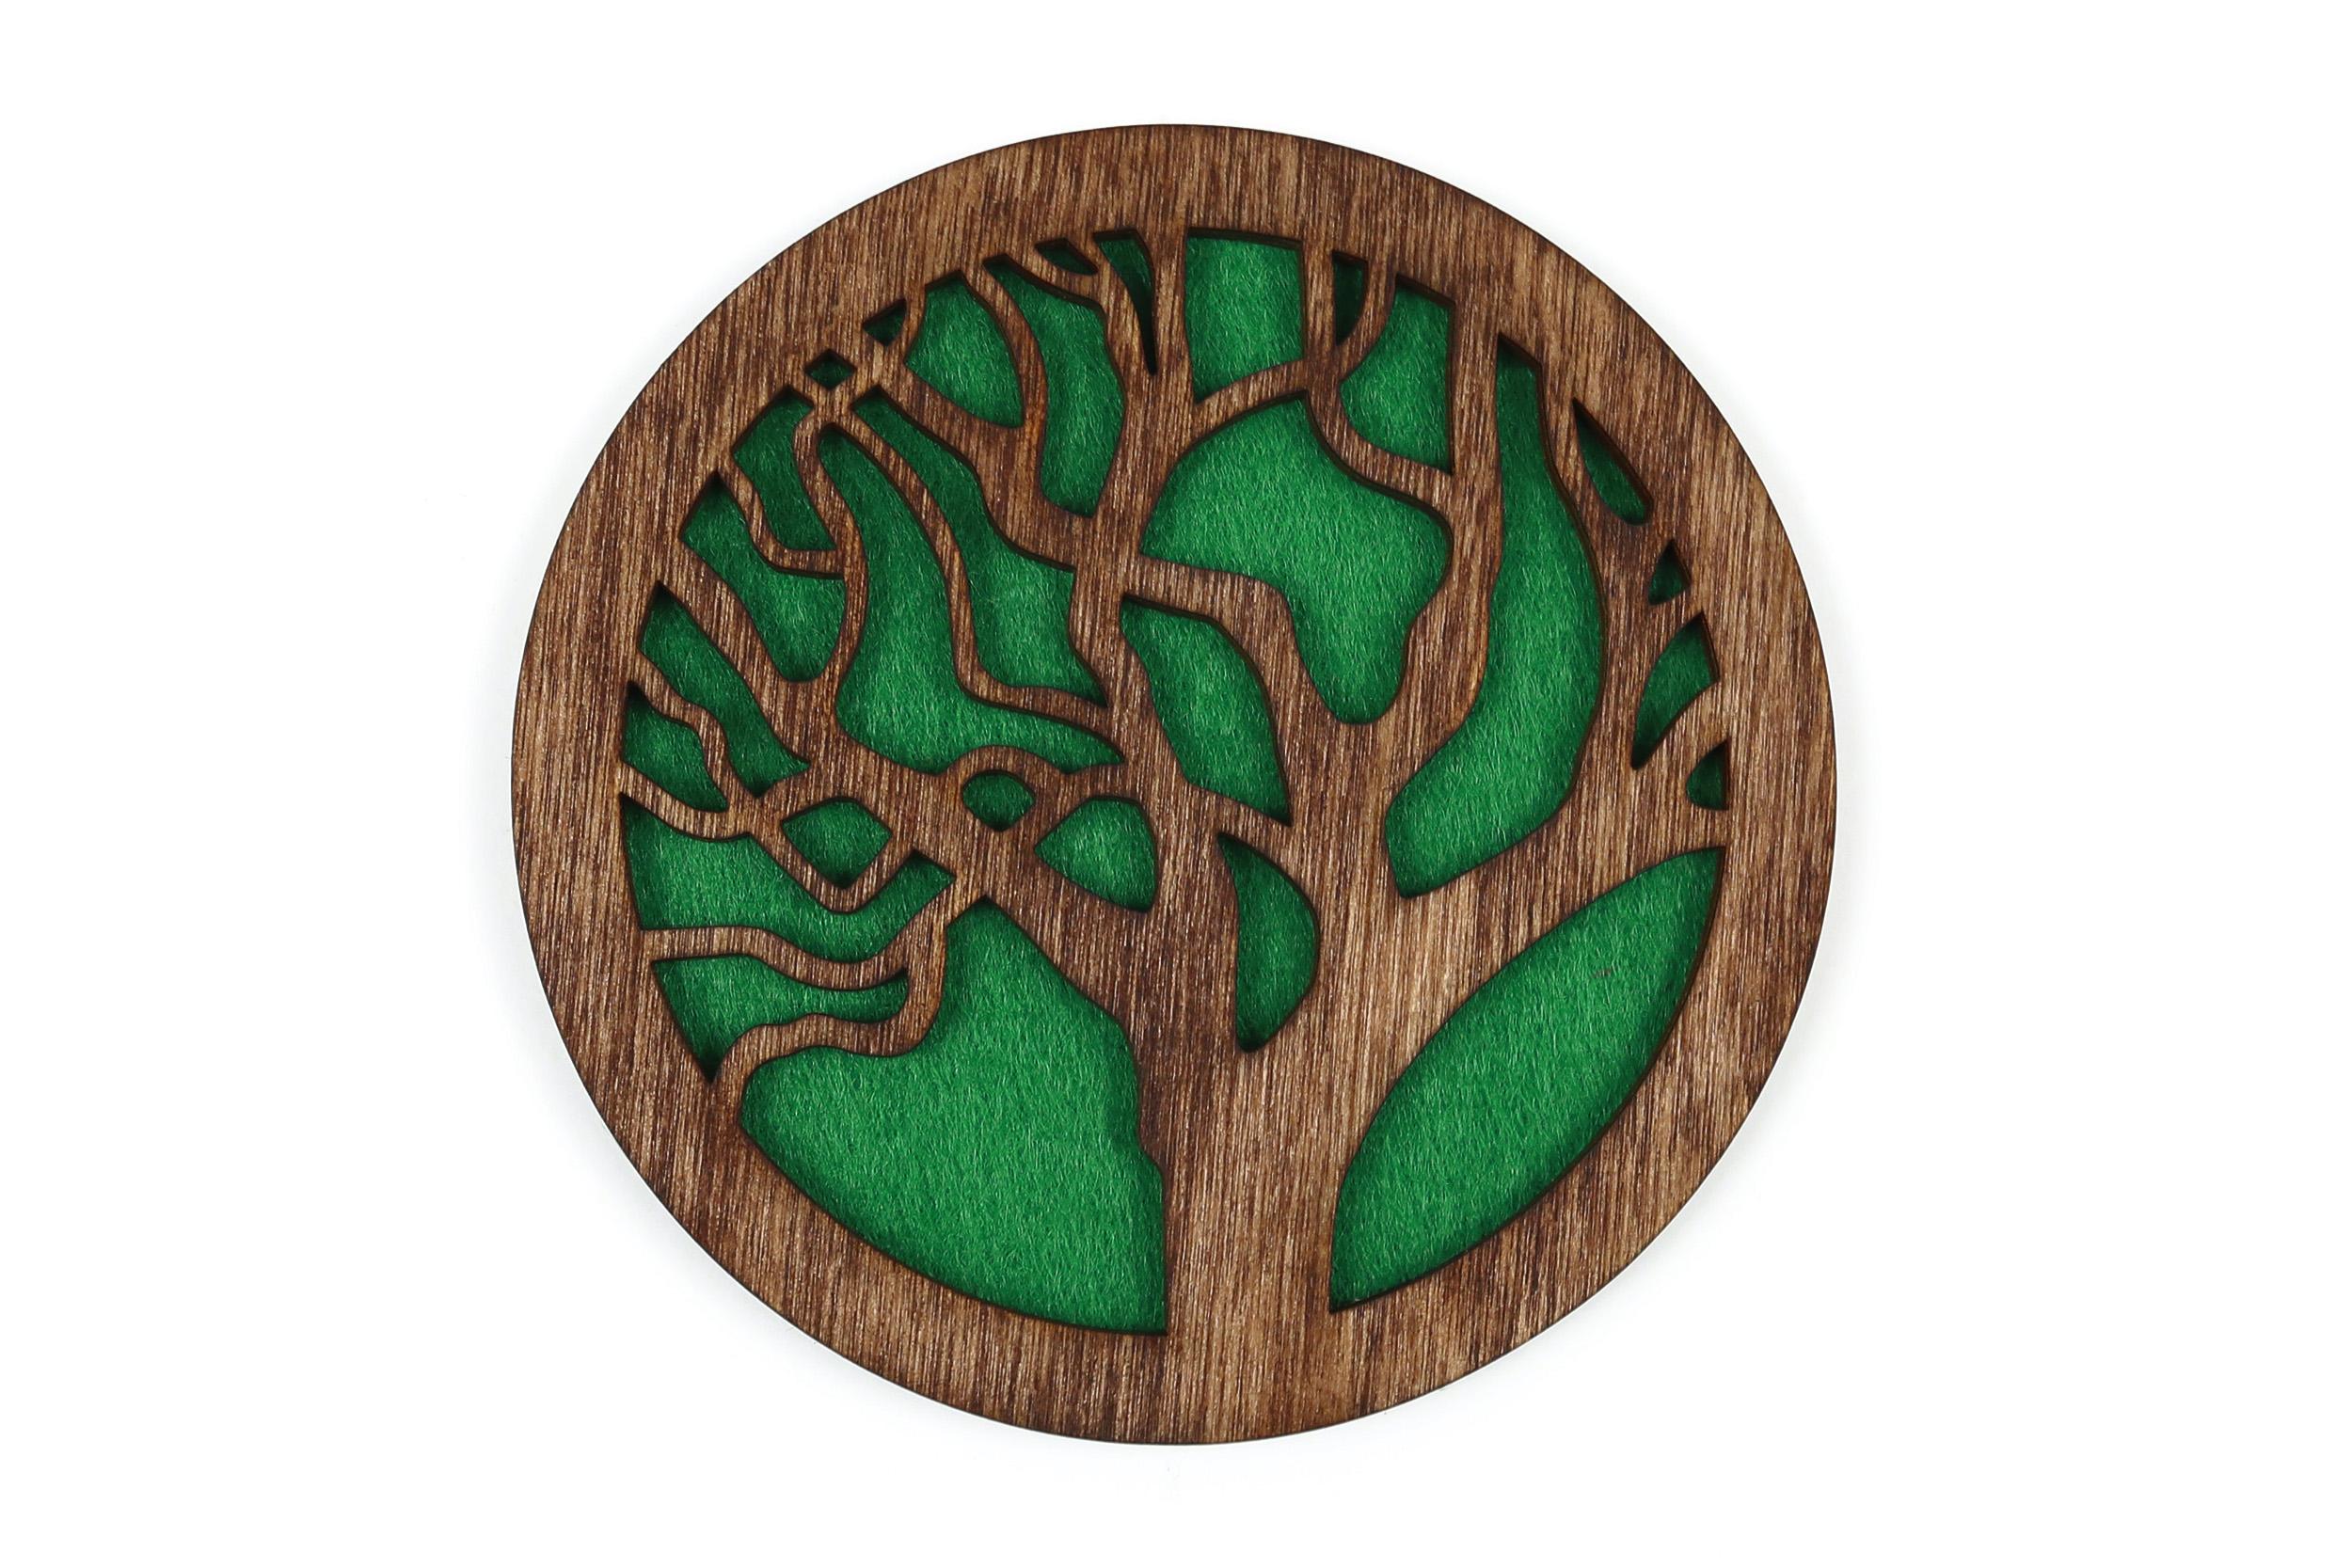 """Padėkliukas puodeliui """"Gyvybės medis"""" [Galimos 6 veltinio spalvos]"""